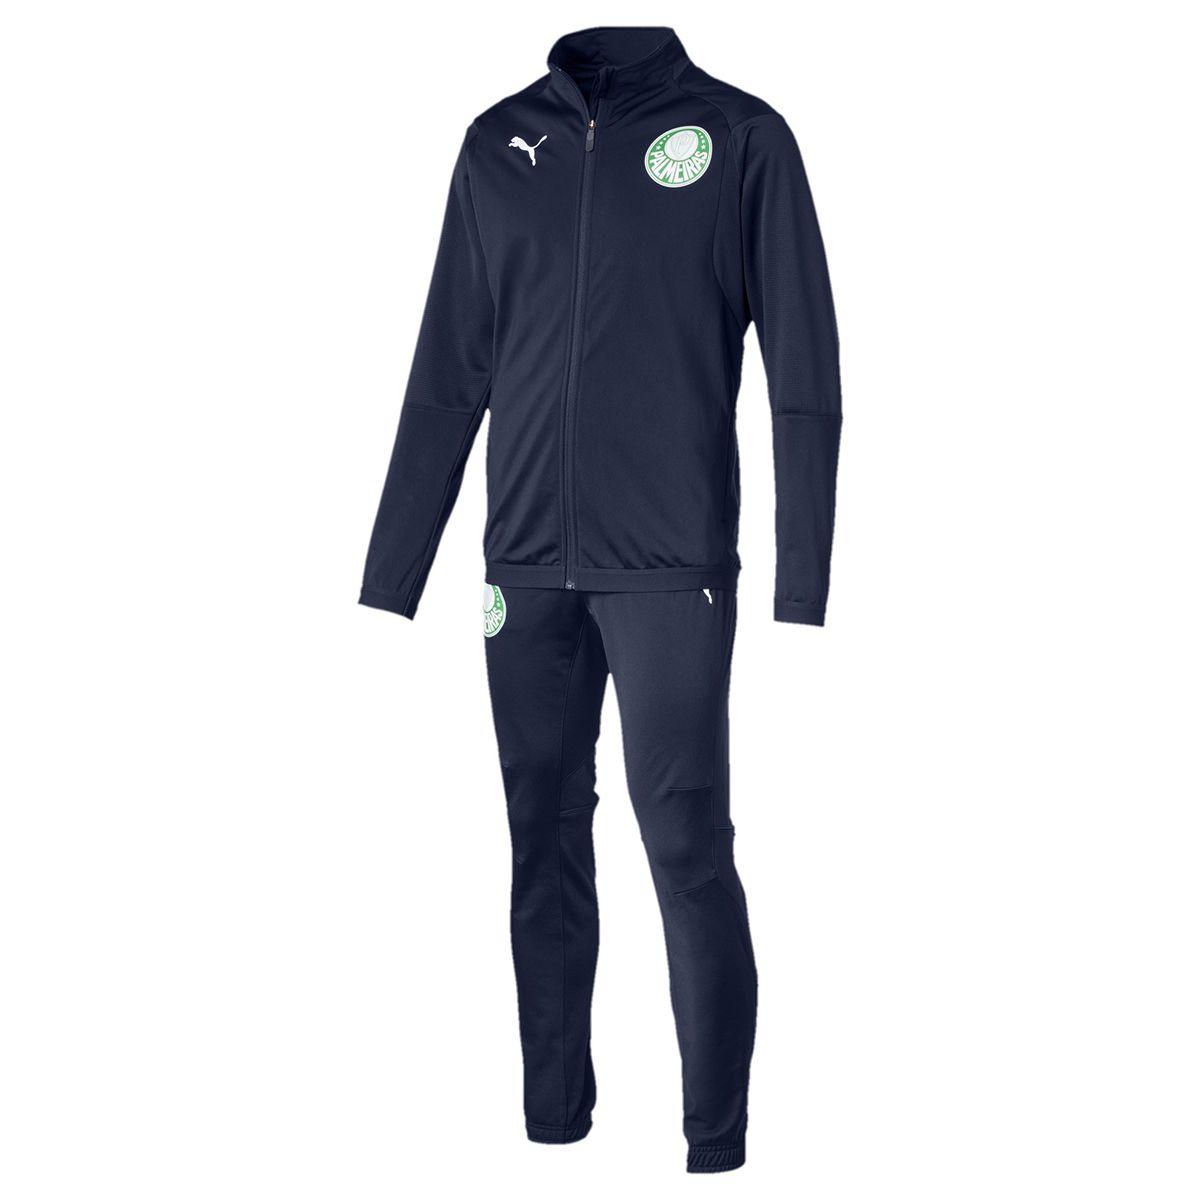 Agasalho Palmeiras Masculino Puma Poly Suit